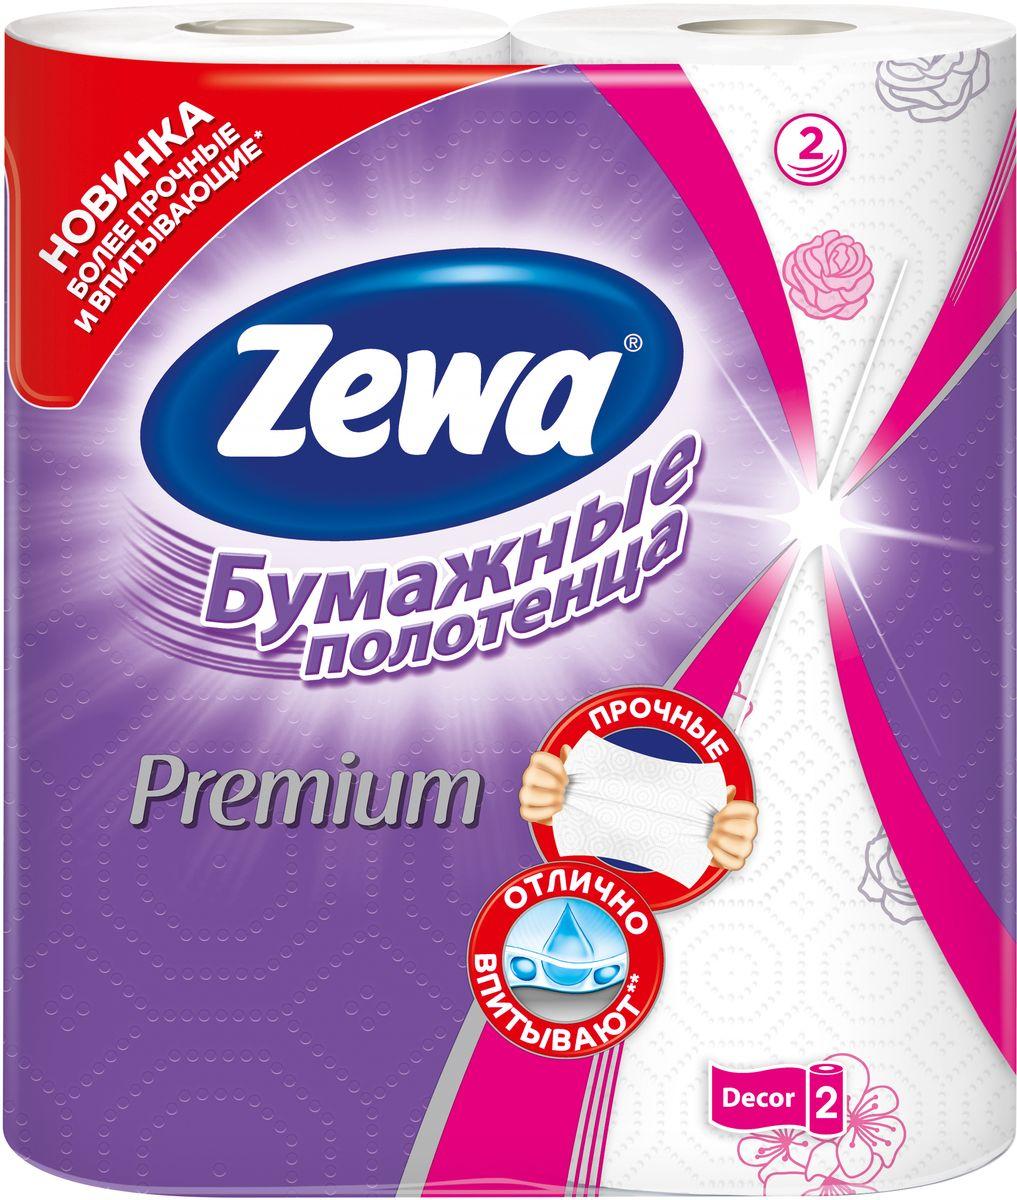 Бумажные полотенца Zewa Premium Decor, 2 рулона6369/144122Белые 2-х слойные бумажные полотенца улучшенного качества с цветным рисунком2 рулона в упаковкеСостав: целлюлозаПроизводство: Россия